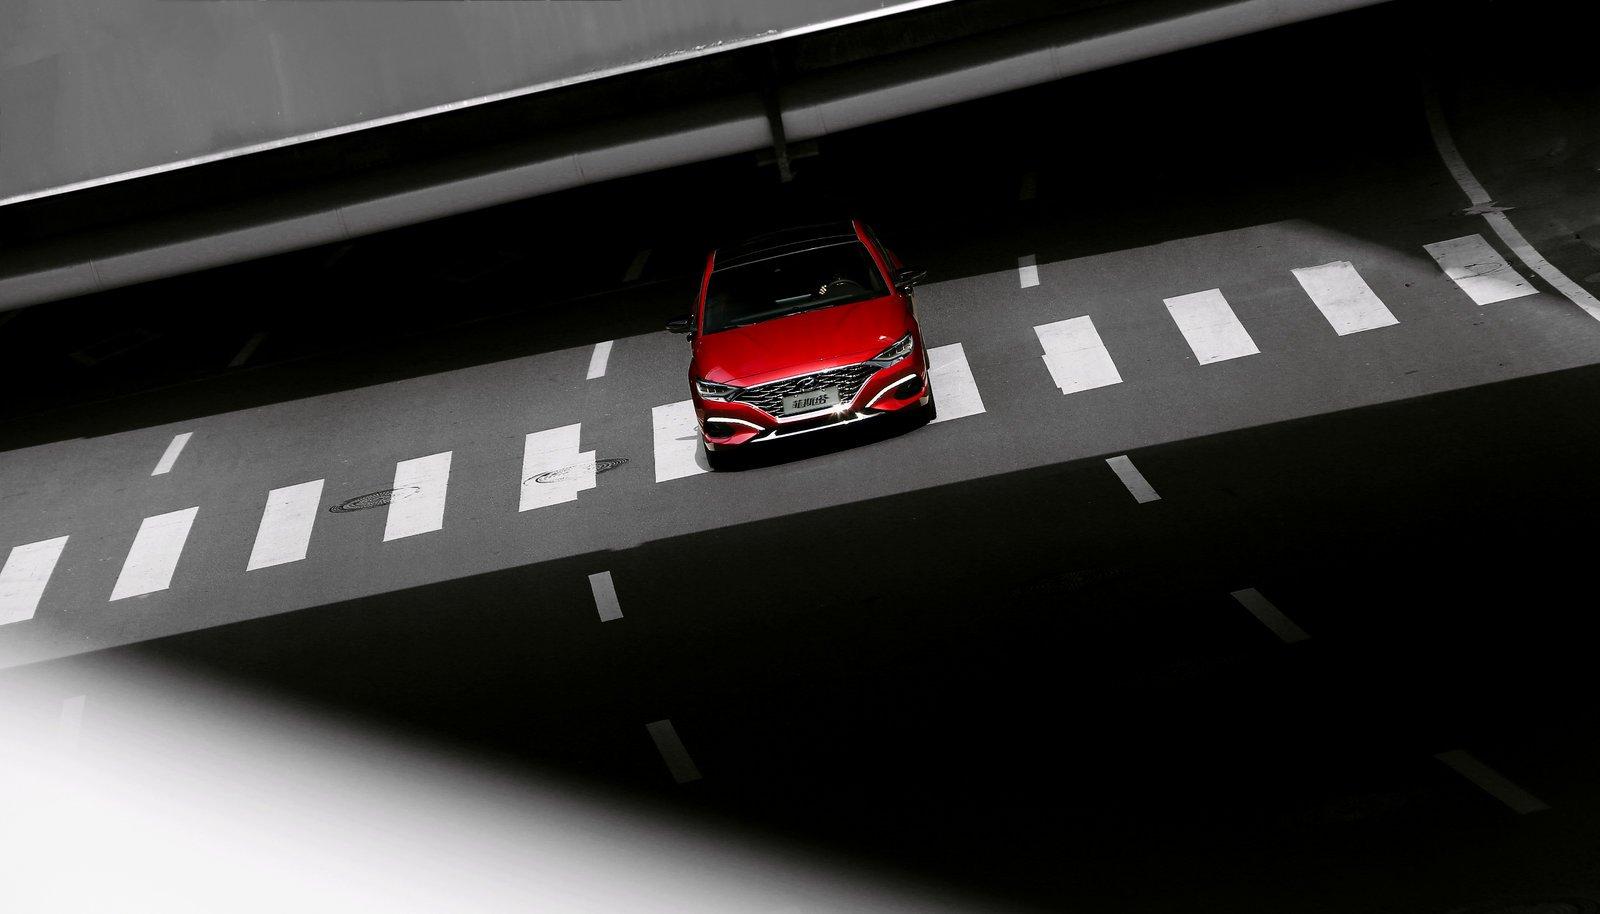 现代汽车遭遇中国叛逆一代菲斯塔能否力挽狂澜?